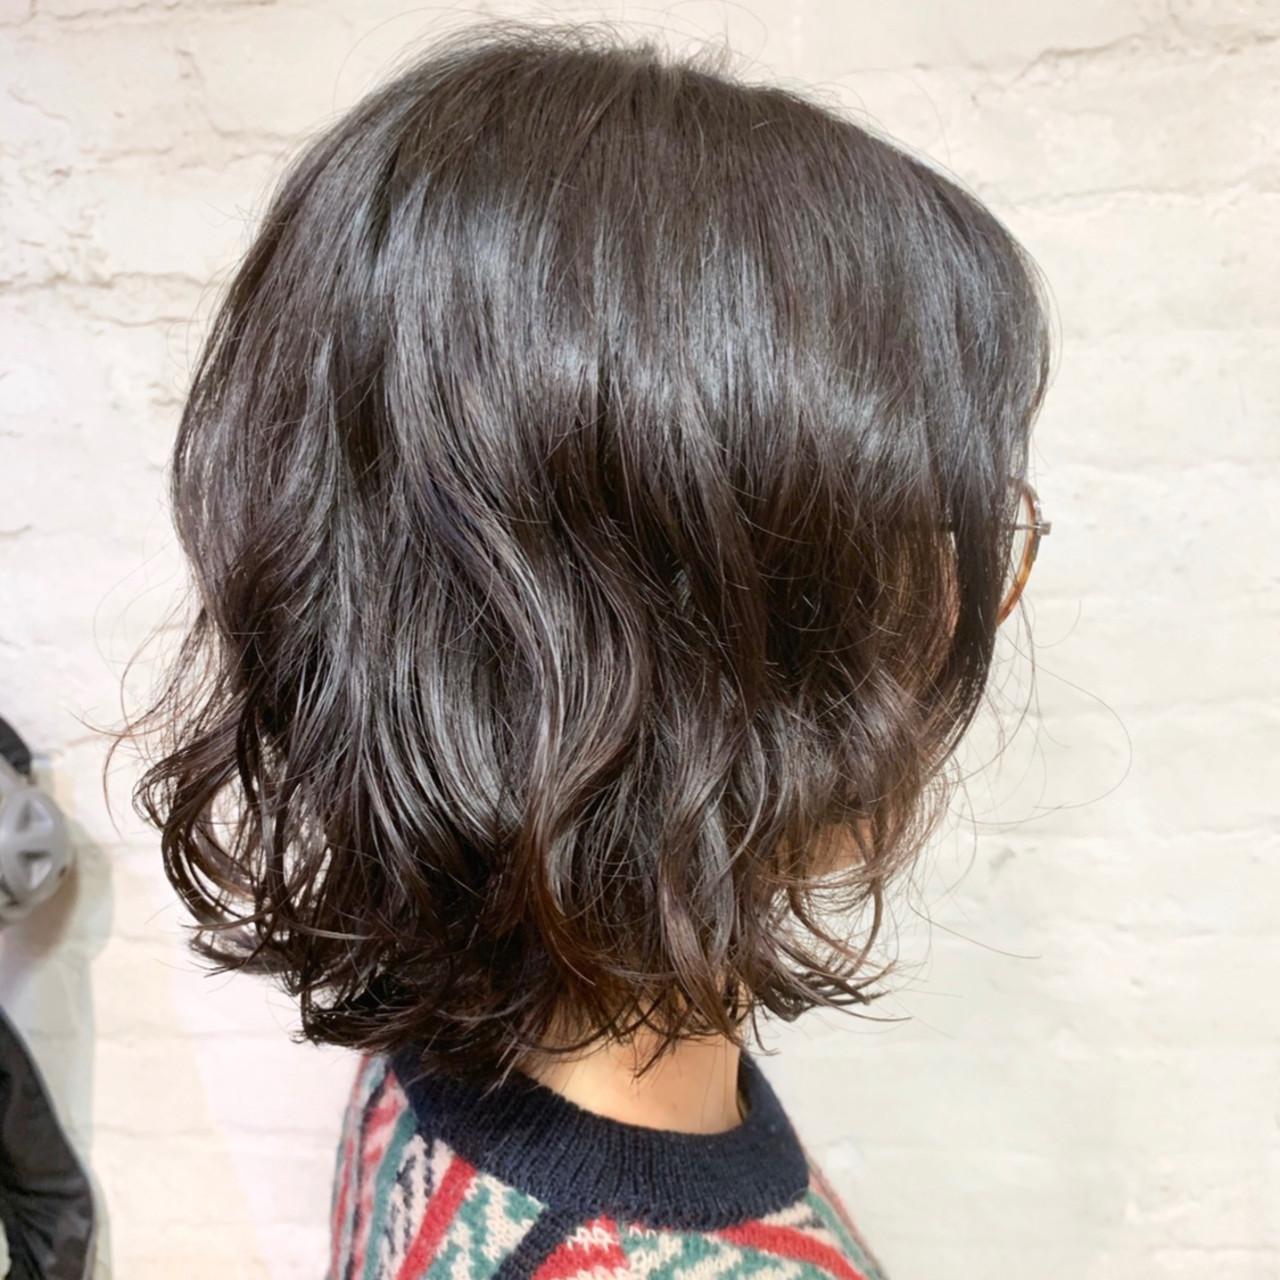 外ハネボブ ナチュラル コテ巻き風パーマ 切りっぱなしボブ ヘアスタイルや髪型の写真・画像